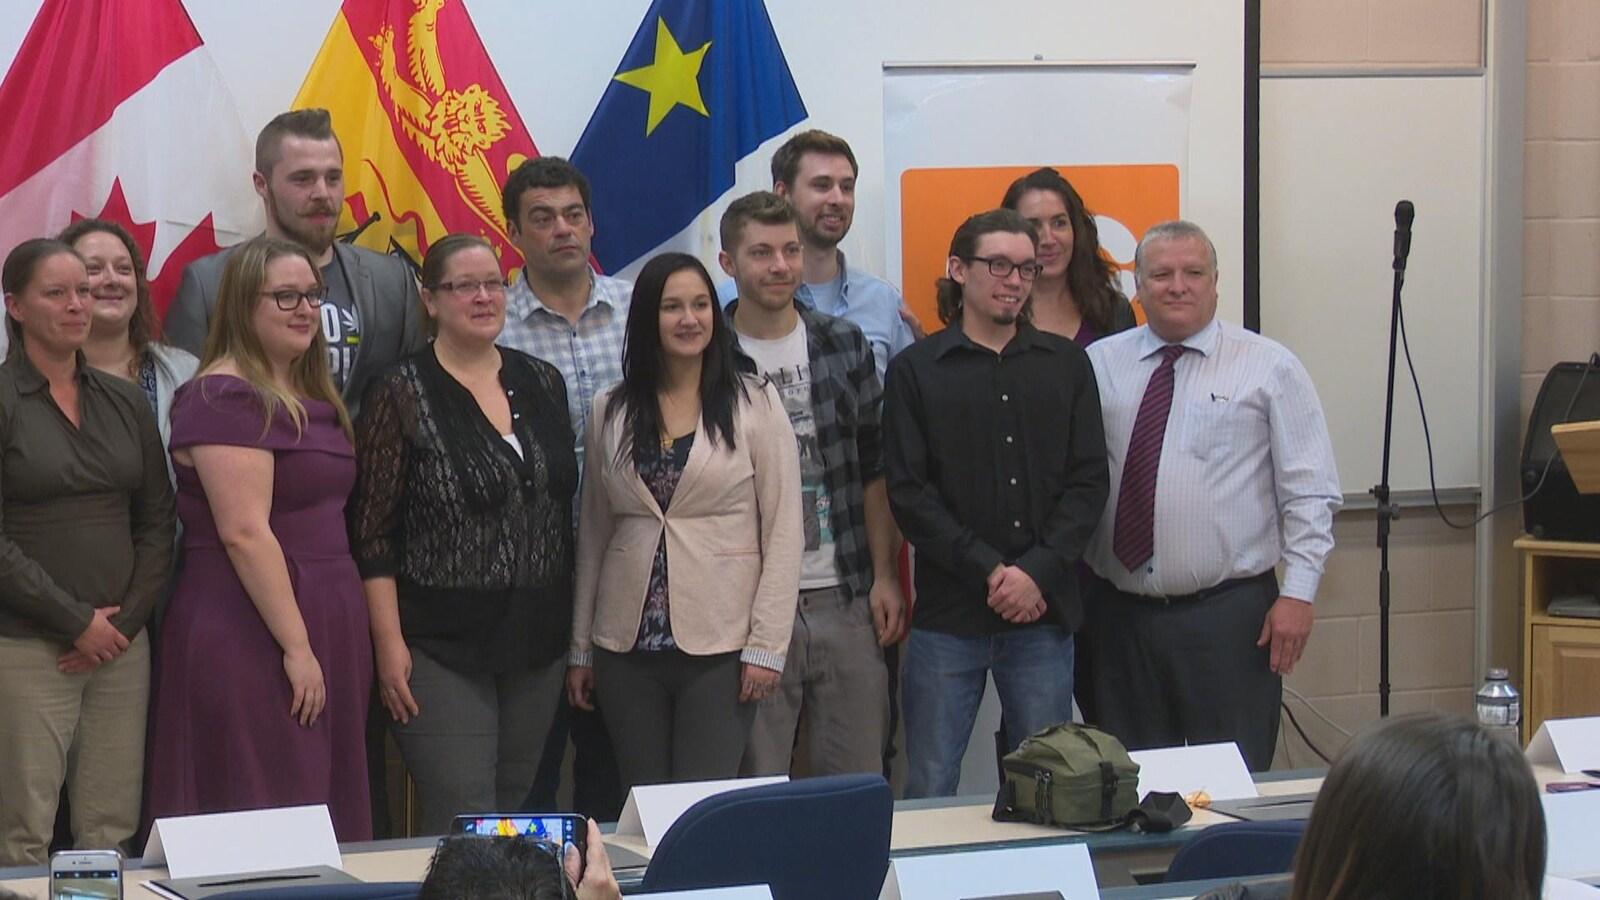 Les premiers finissants du programme de culture du cannabis du Collège communautaire du Nouveau-Brunswick (CCNB).